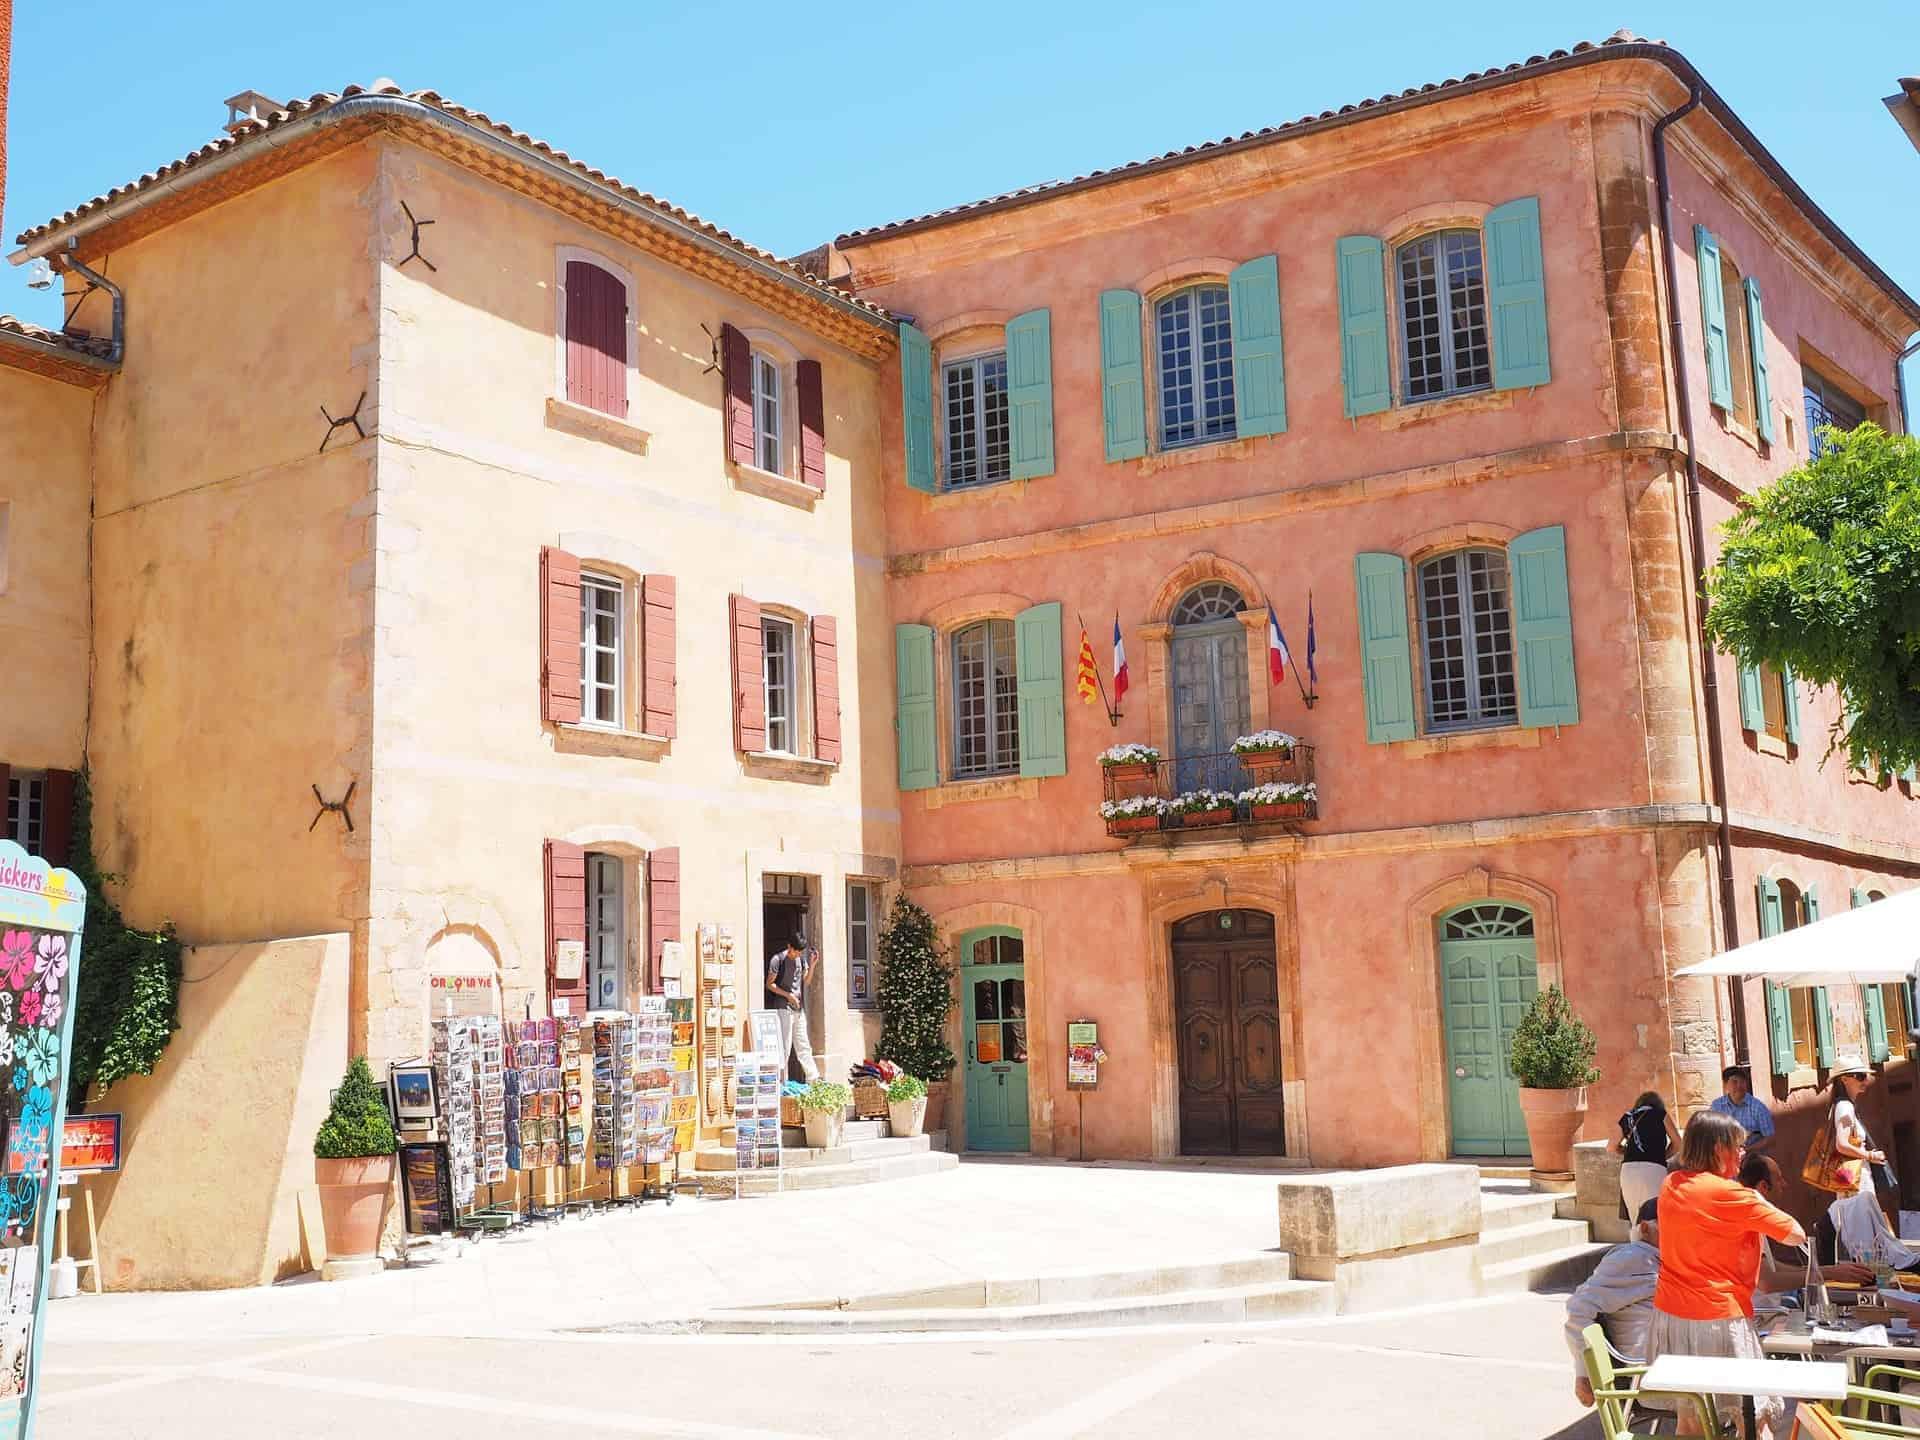 Roussillon Provence, Lavendel marked i Provence, Lavendel i Provence, Aix-en-Provence, romantisk tur til Provence, ting å gjøre i Provence, langhelg i Provence, weekendtur til Provence, ferie i Provence, ting å gjøre i Provence, lavendel i Provence